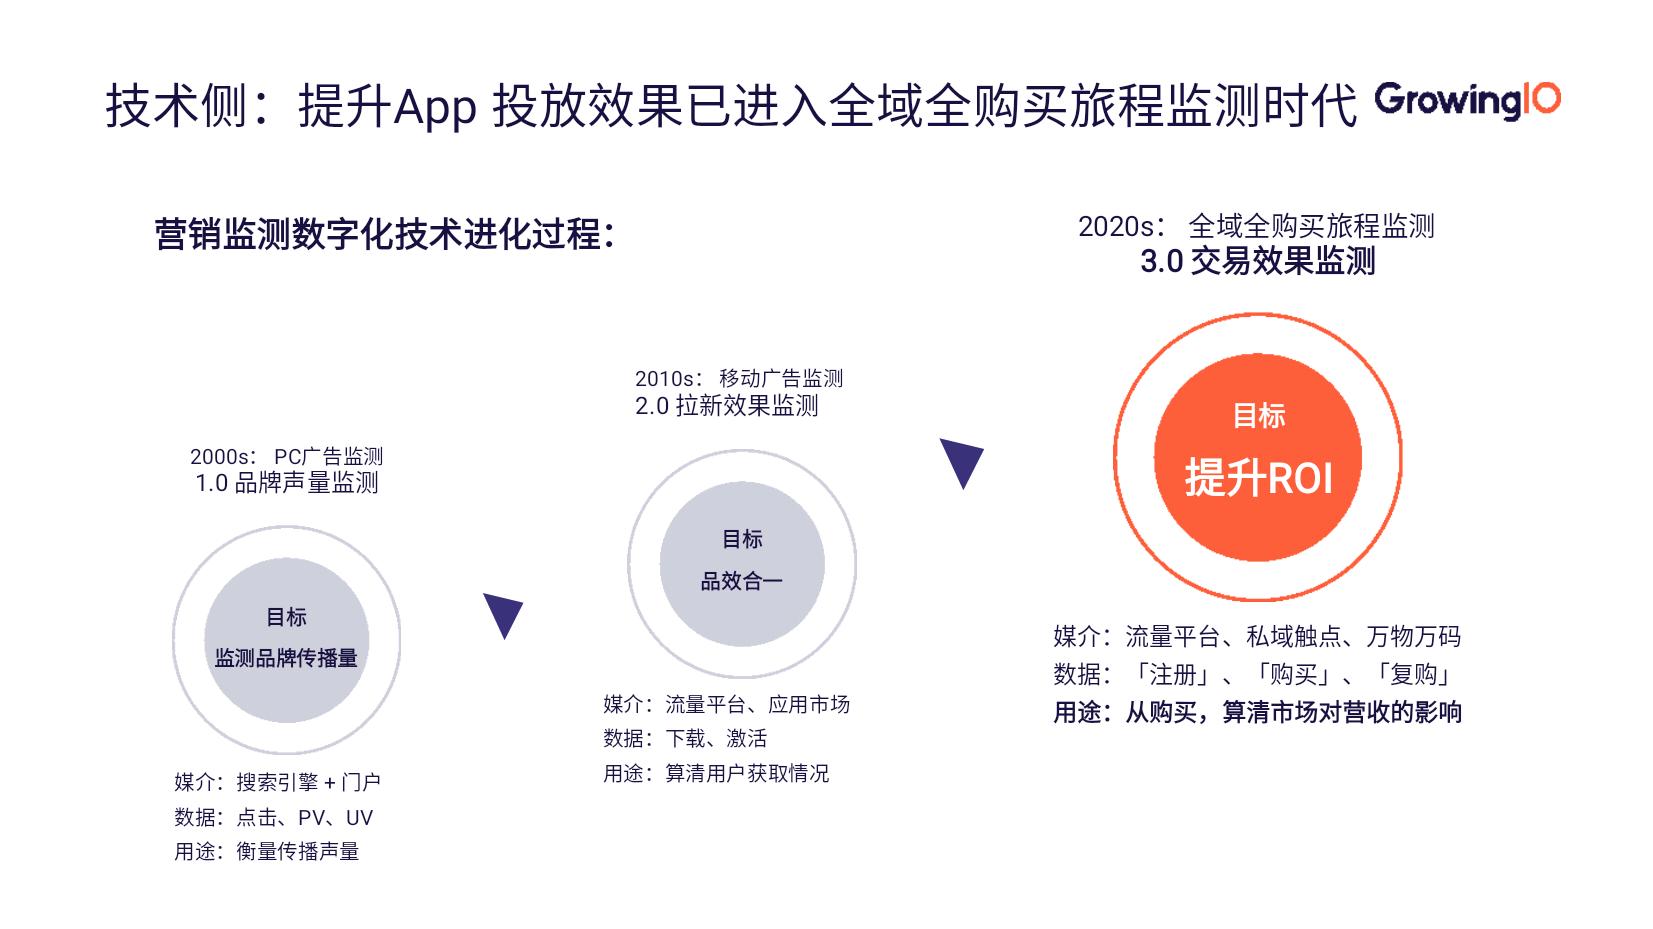 App 推广优化三步走,全面提升 ROI